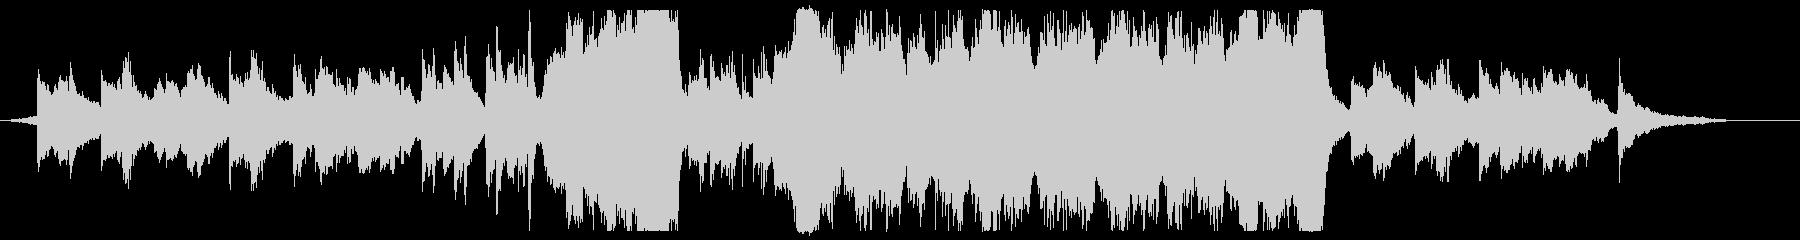 ファンタジーRPG風テーマ曲の未再生の波形